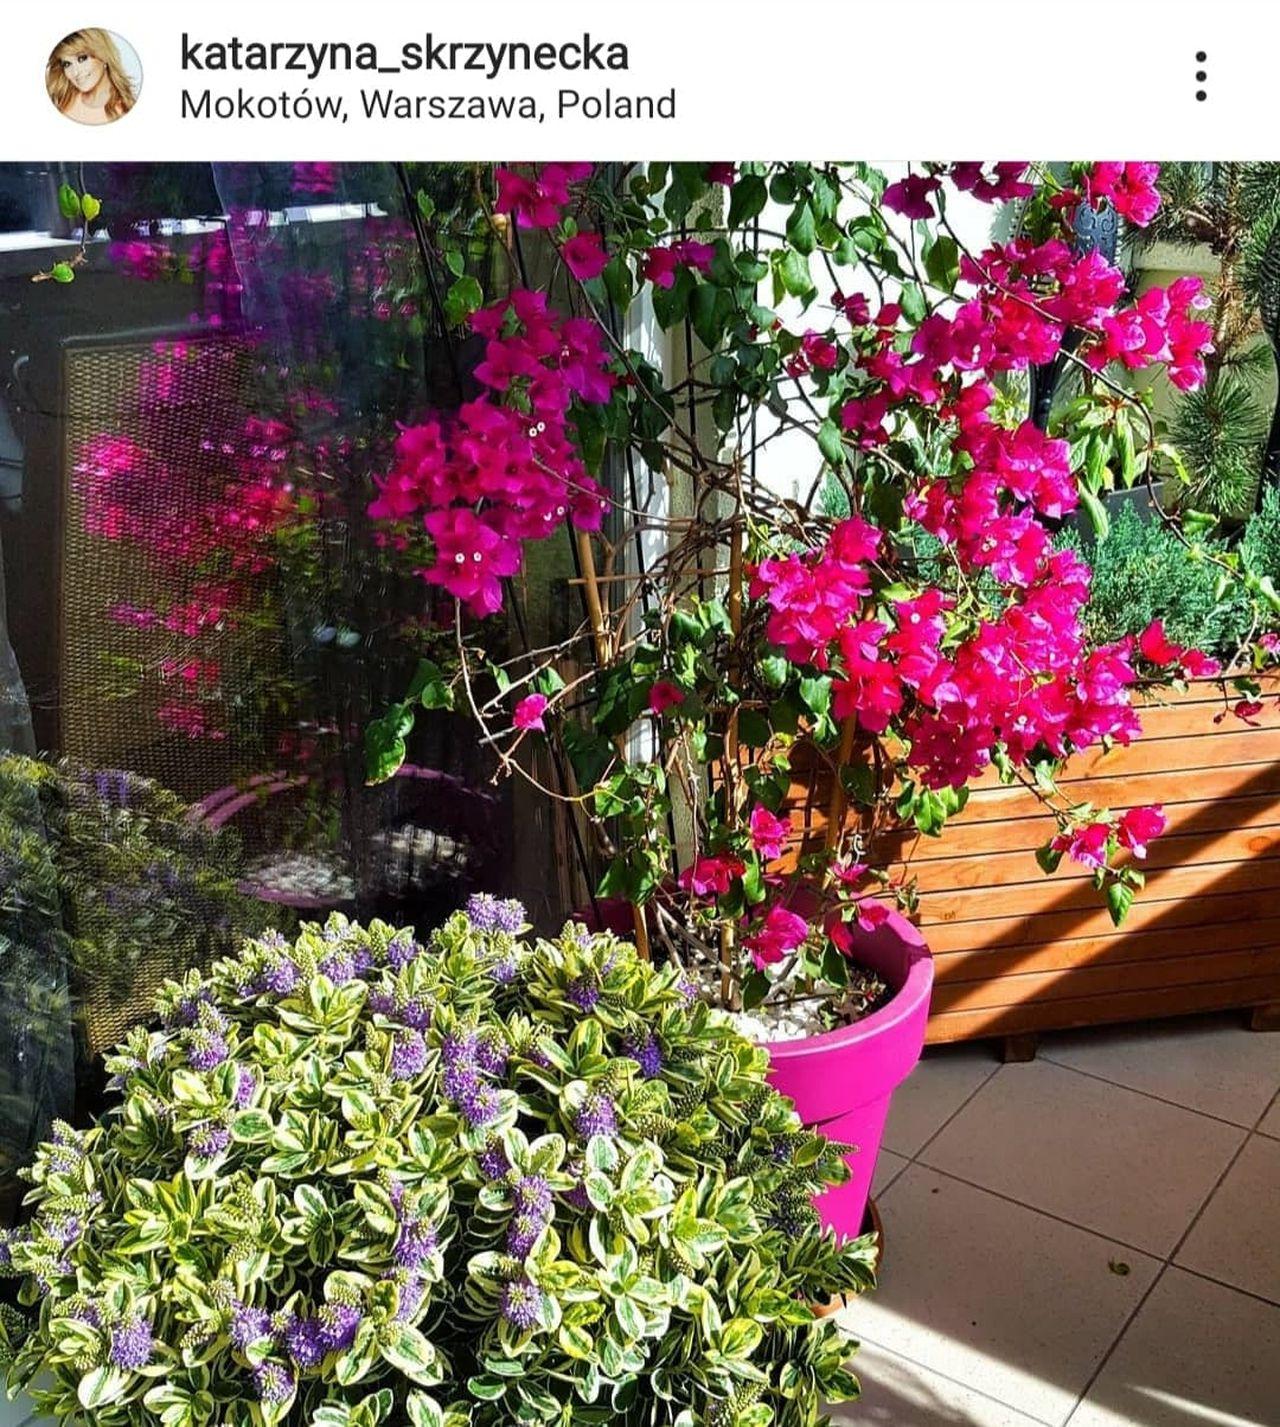 Rośliny na balkonie Skrzyneckiej